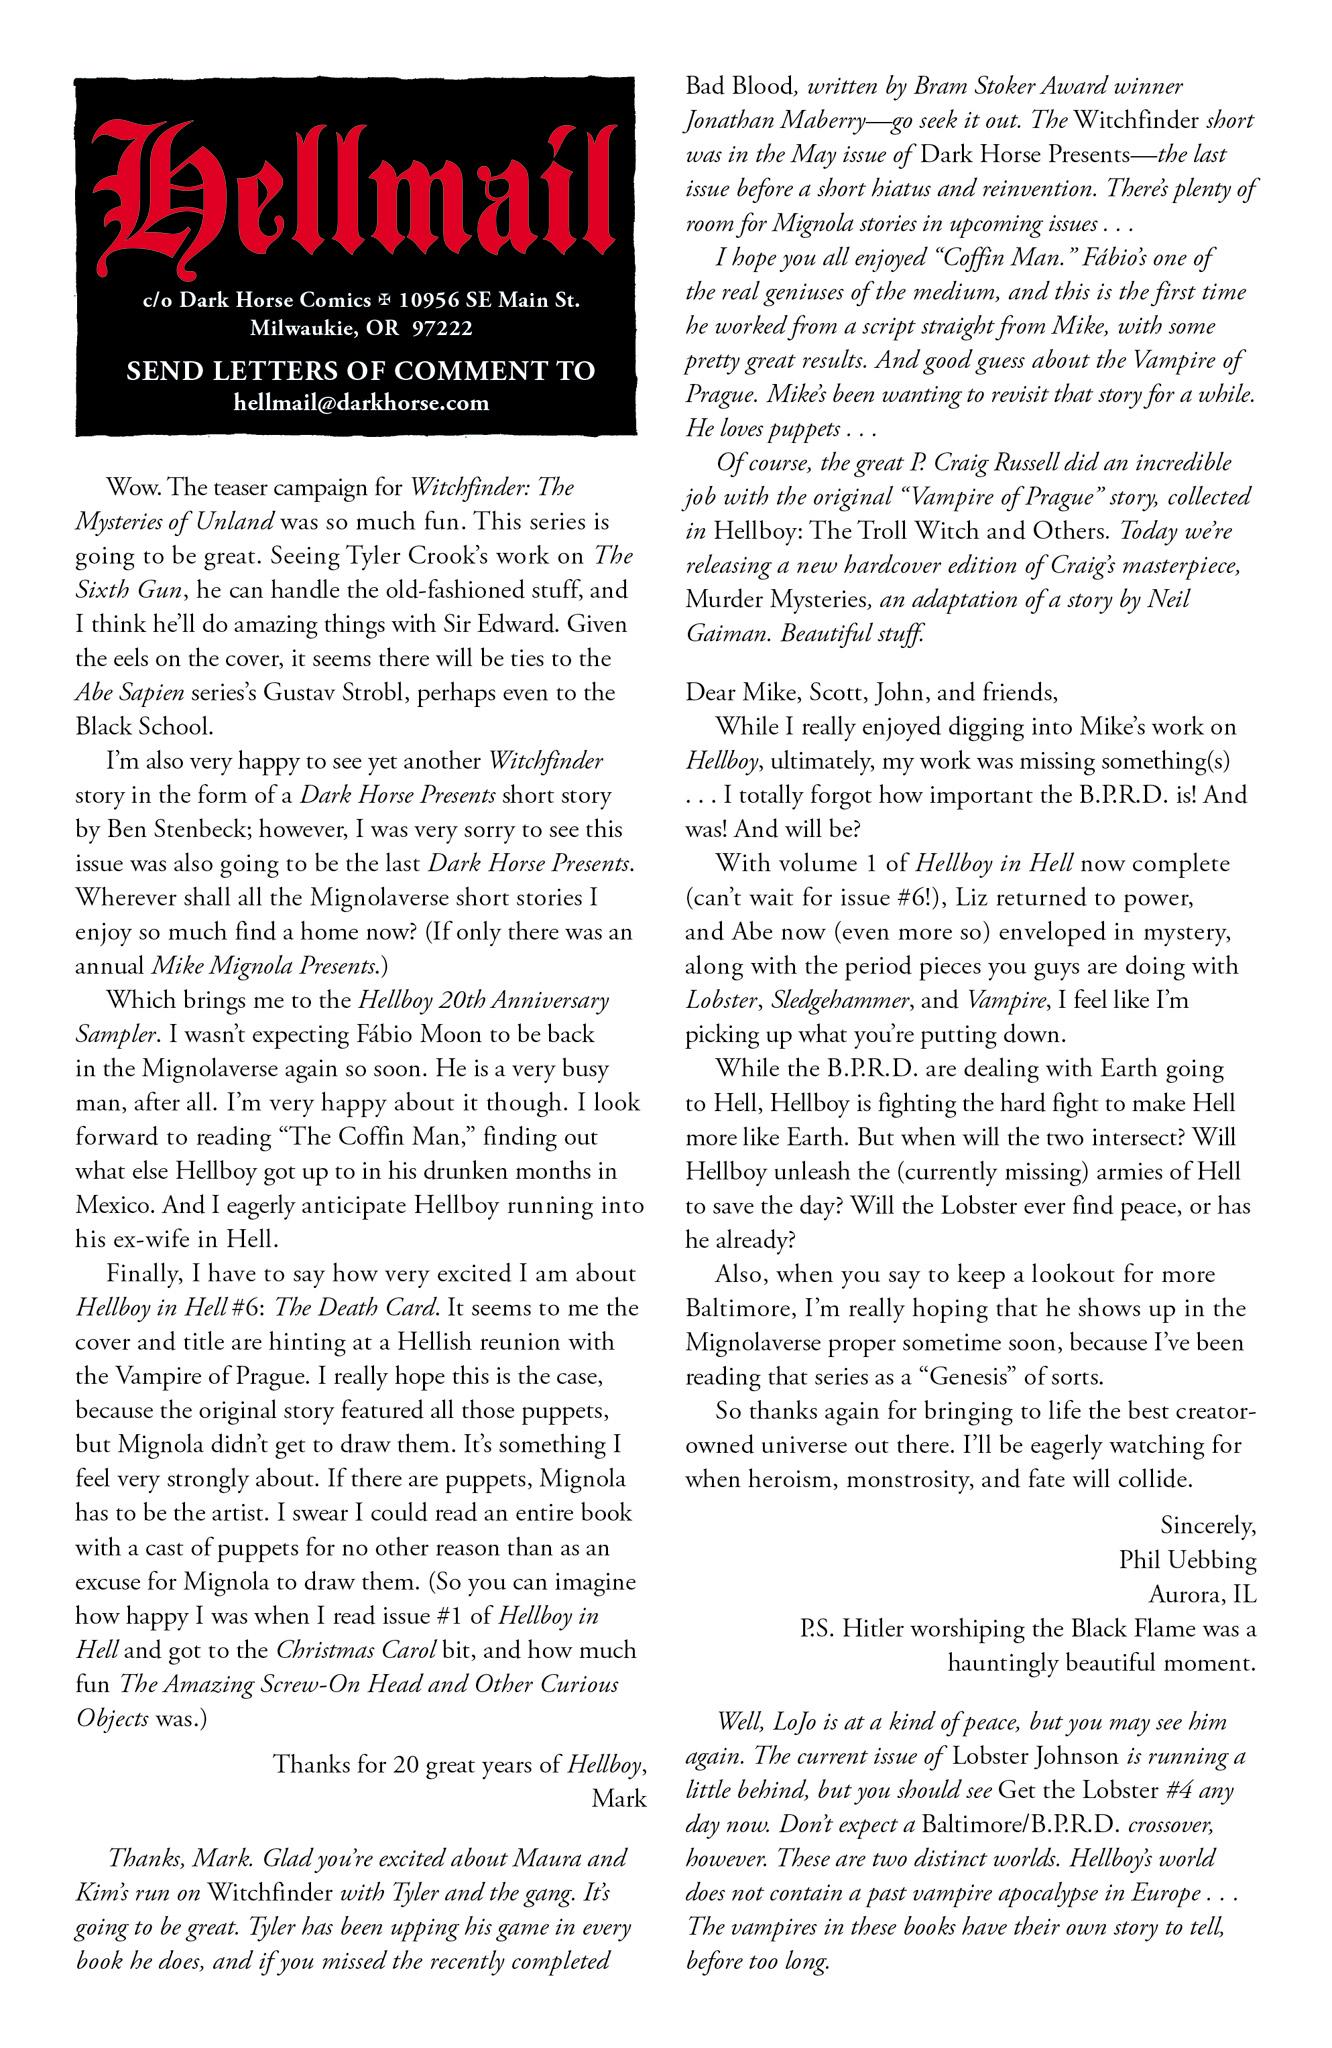 Read online Abe Sapien comic -  Issue #12 - 25